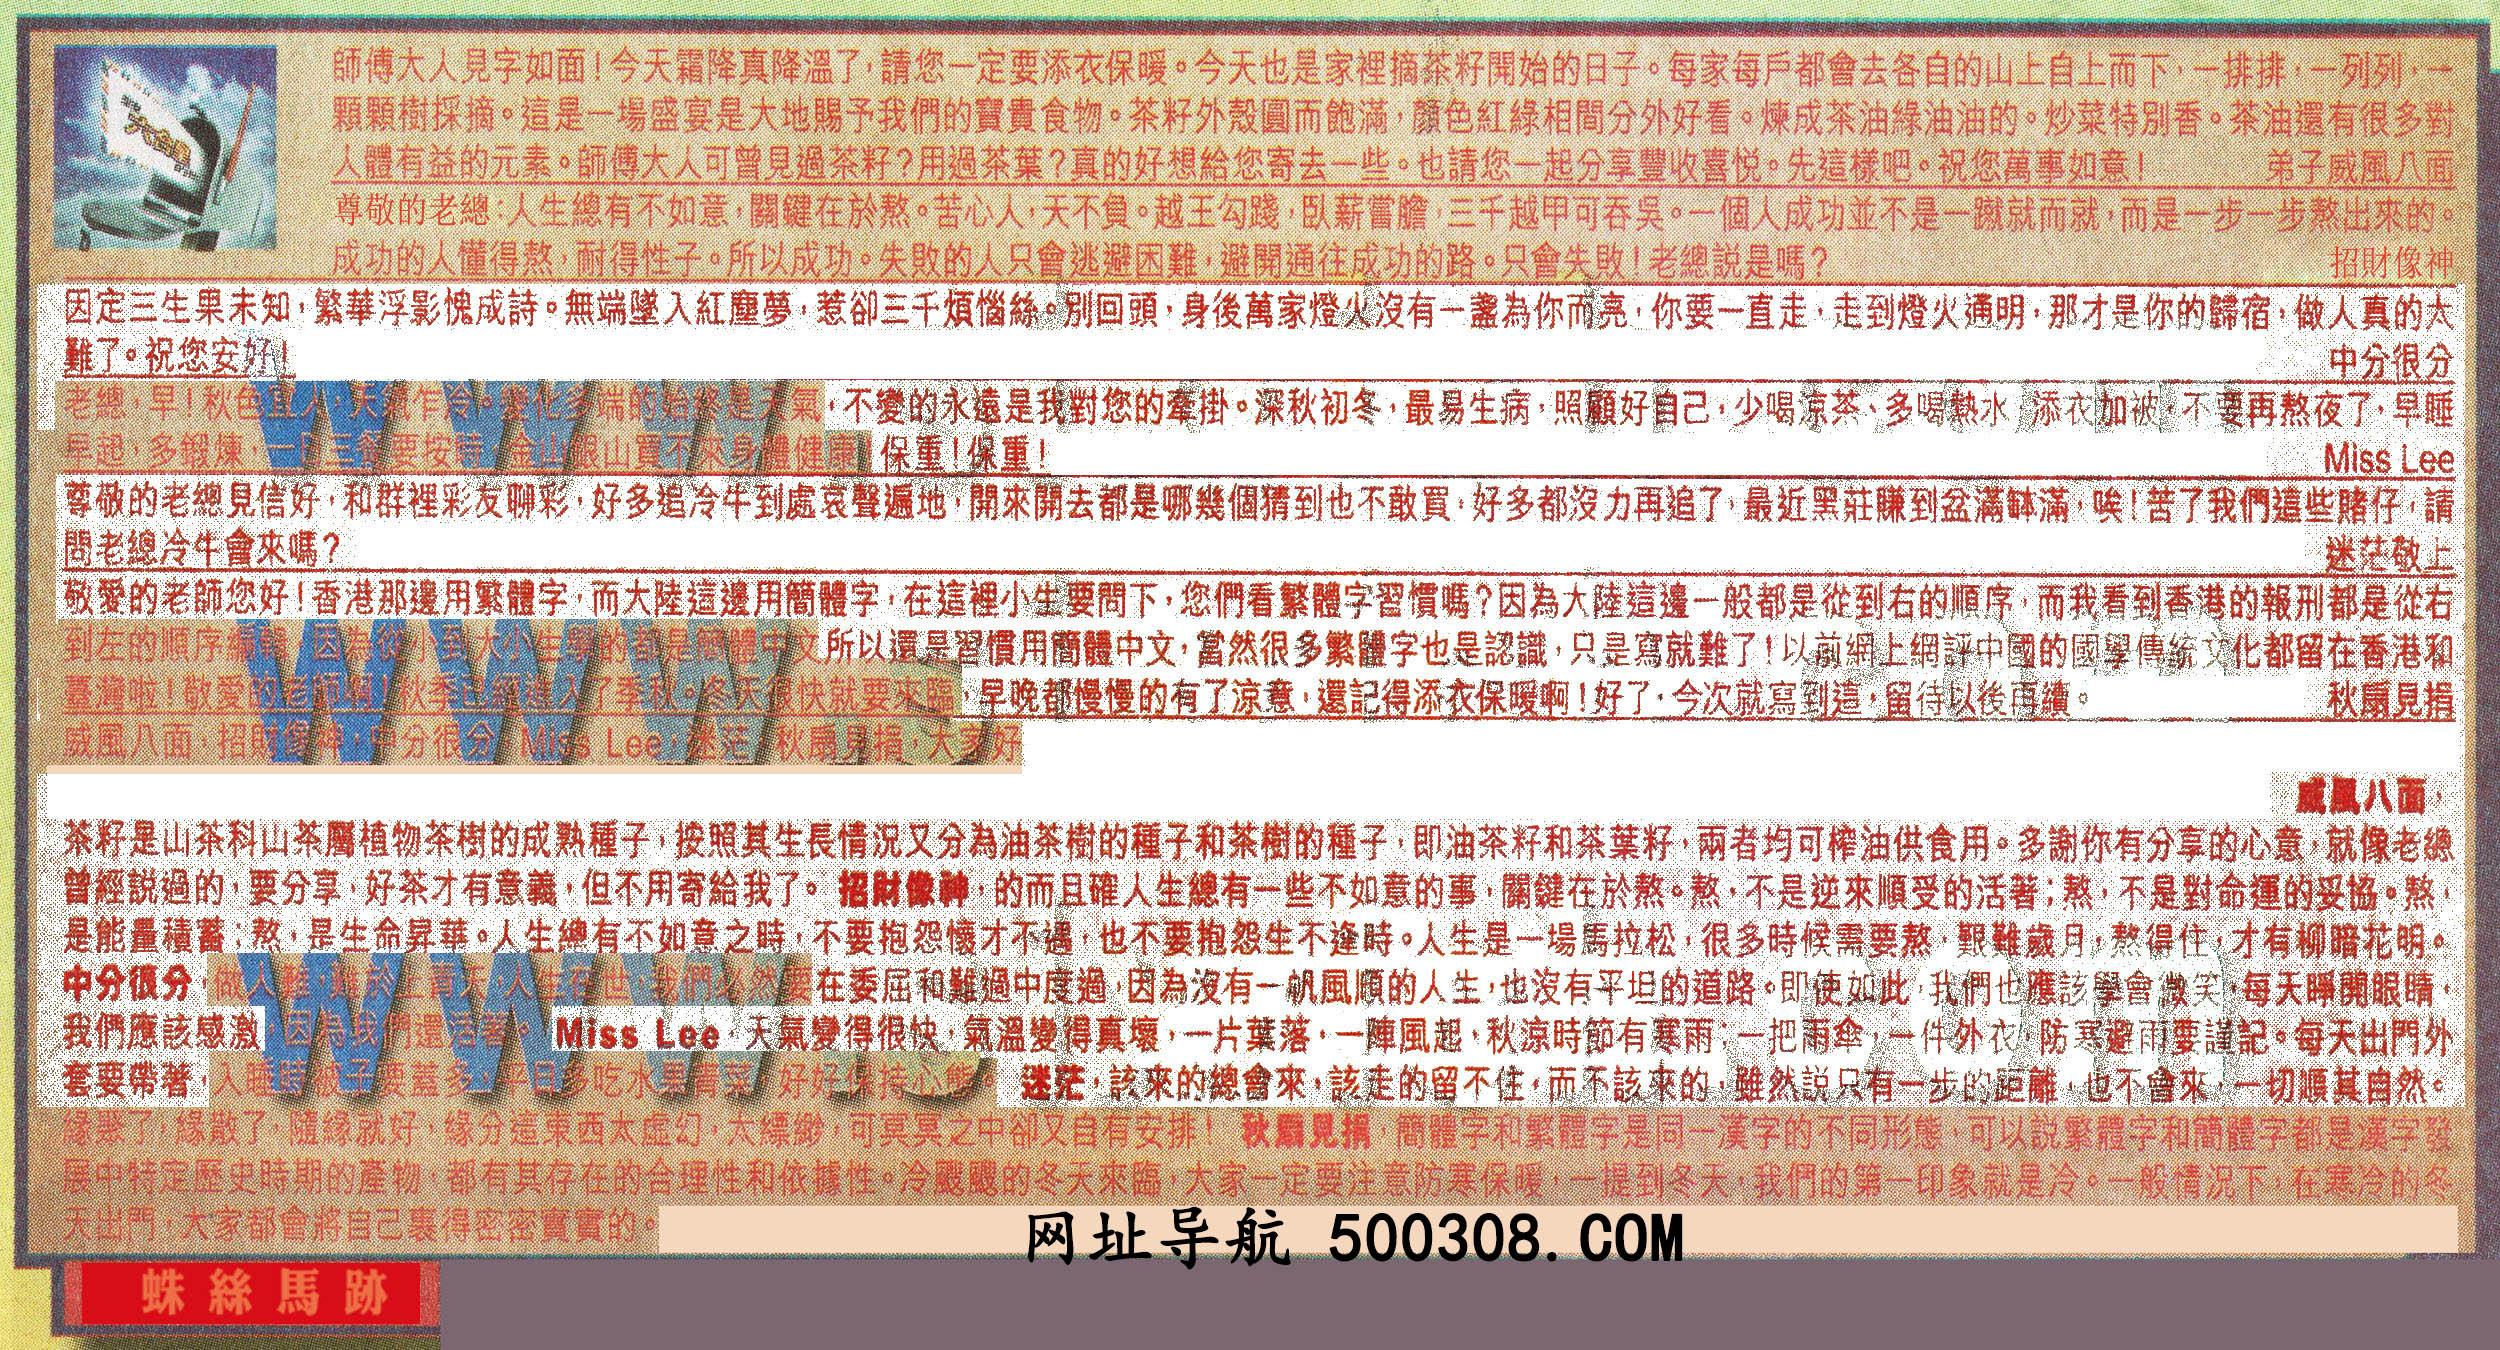 096期:彩民推荐六合皇信箱(�t字:蛛�z�R�E)